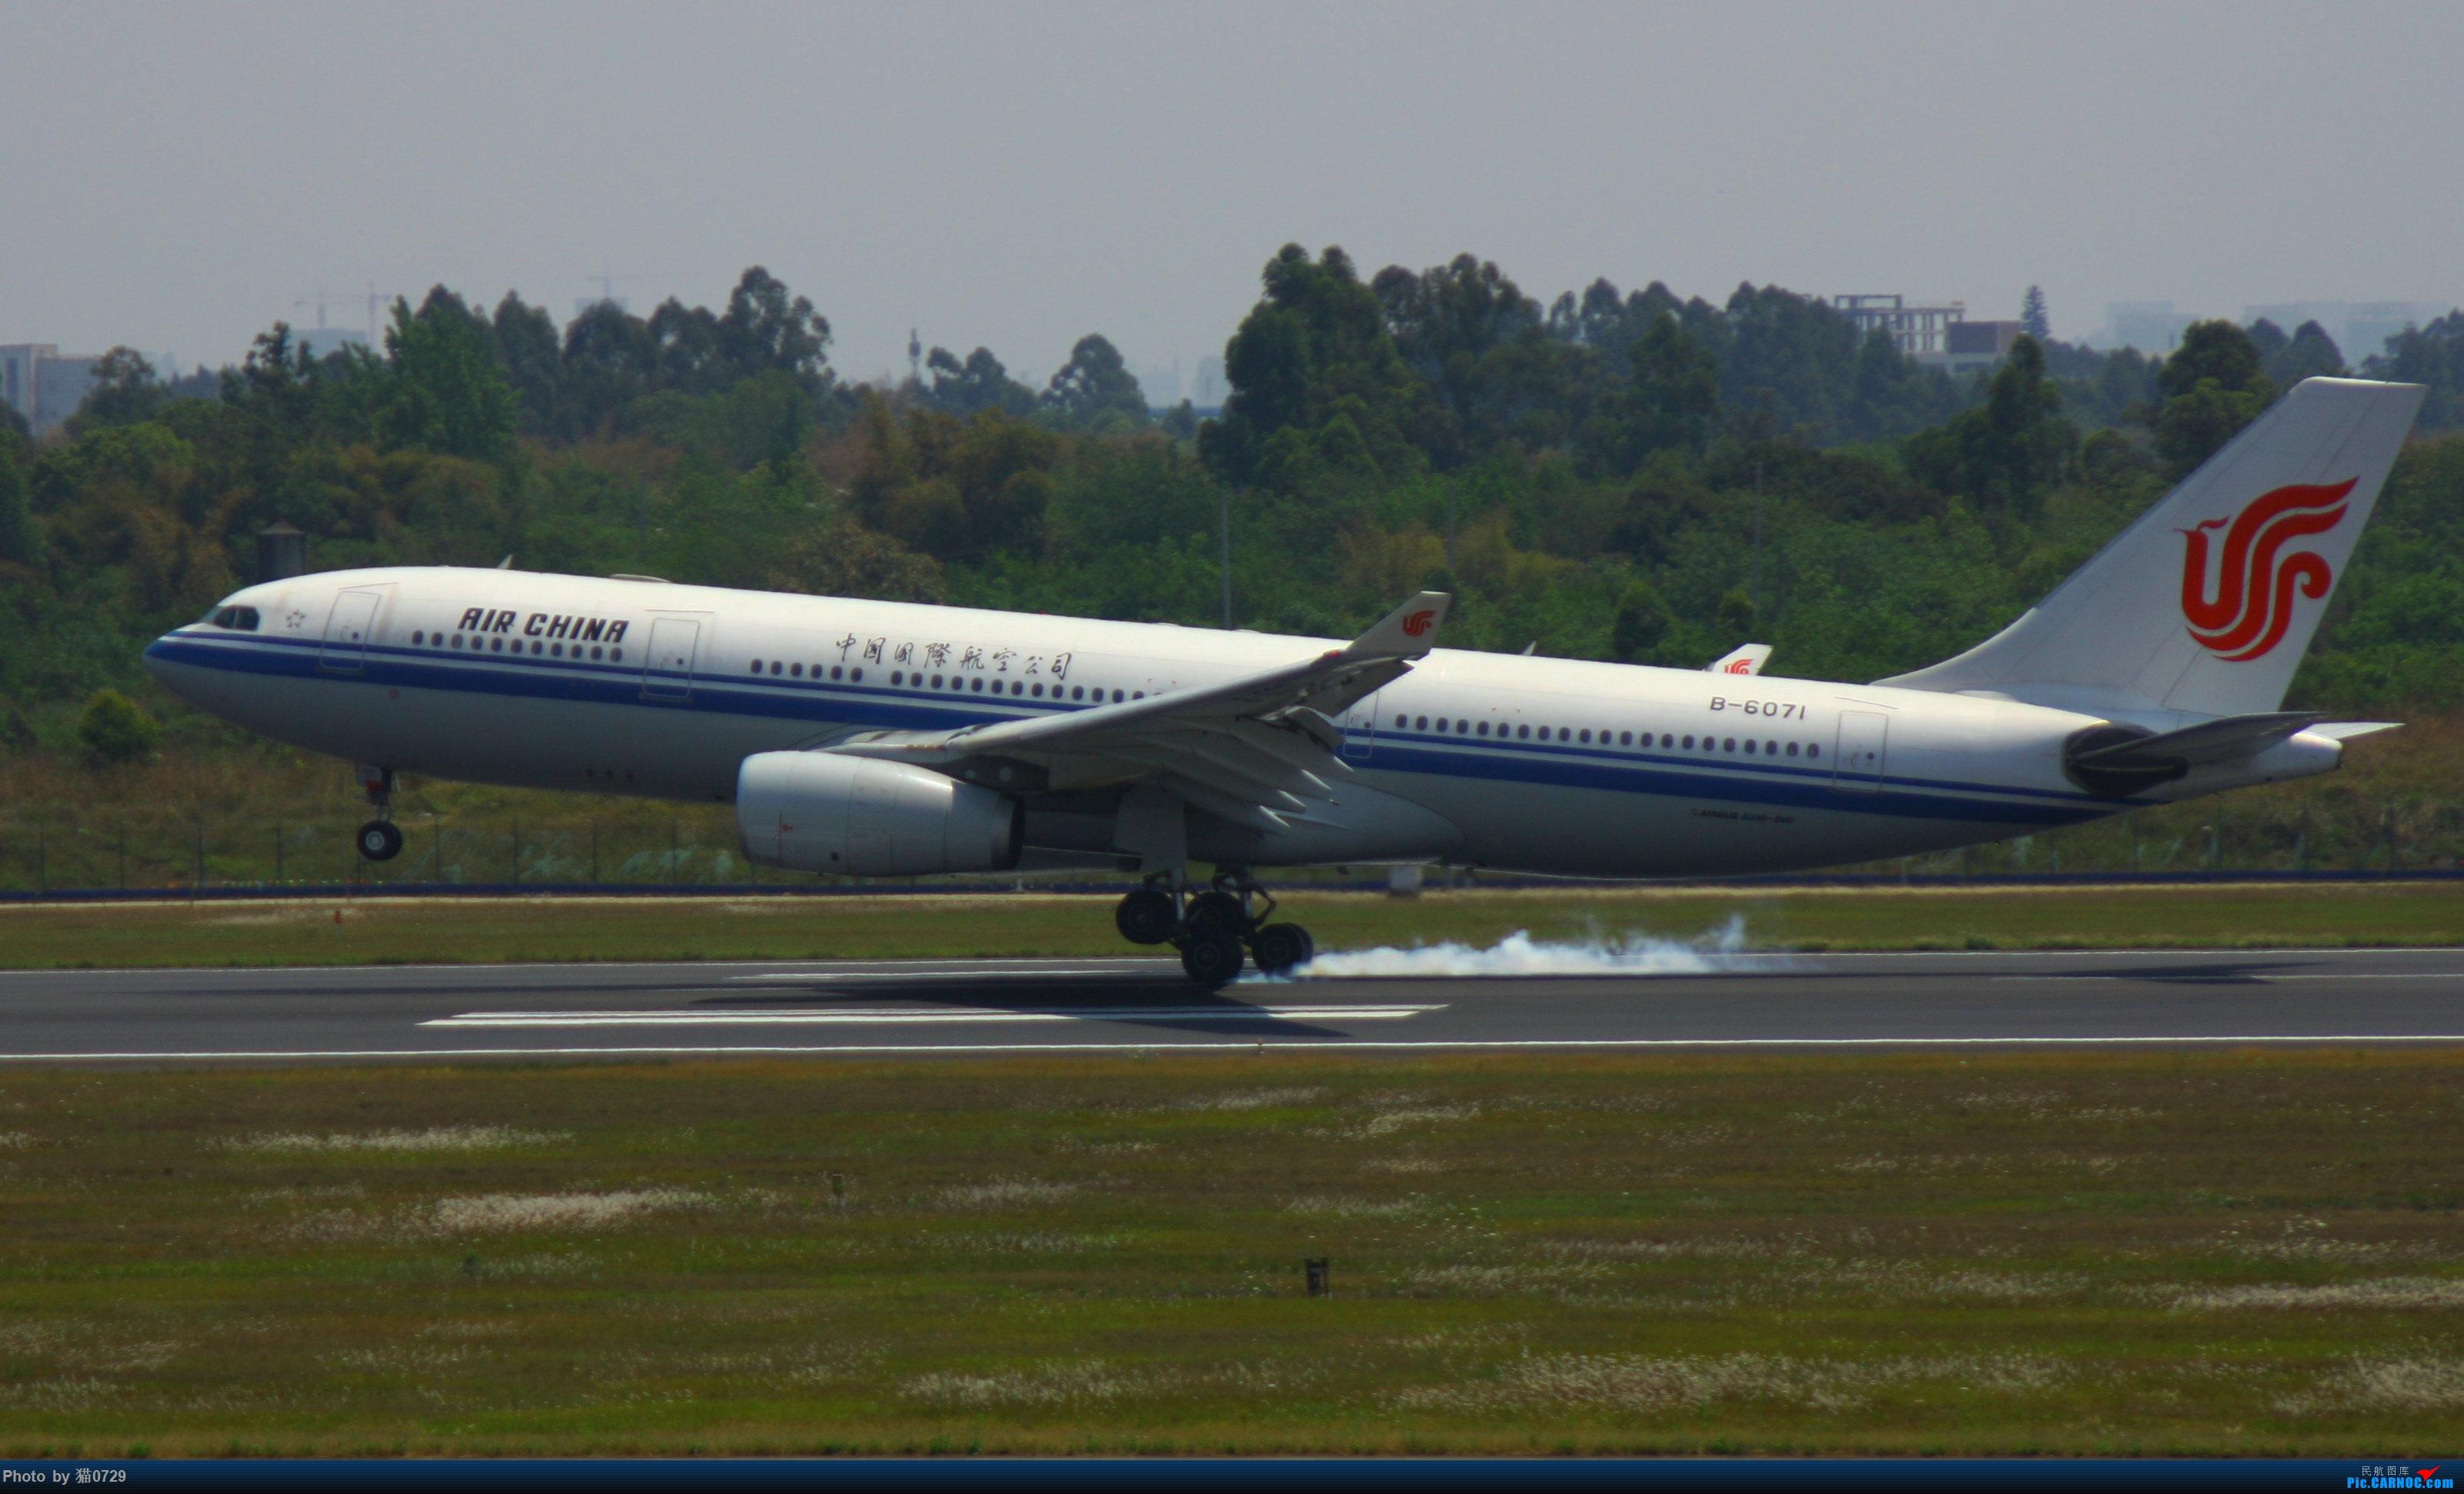 Re:[原创]跑道洞两右,气温三拐,六点五小时坚守双流 AIRBUS A330-200 B-6071 中国成都双流国际机场